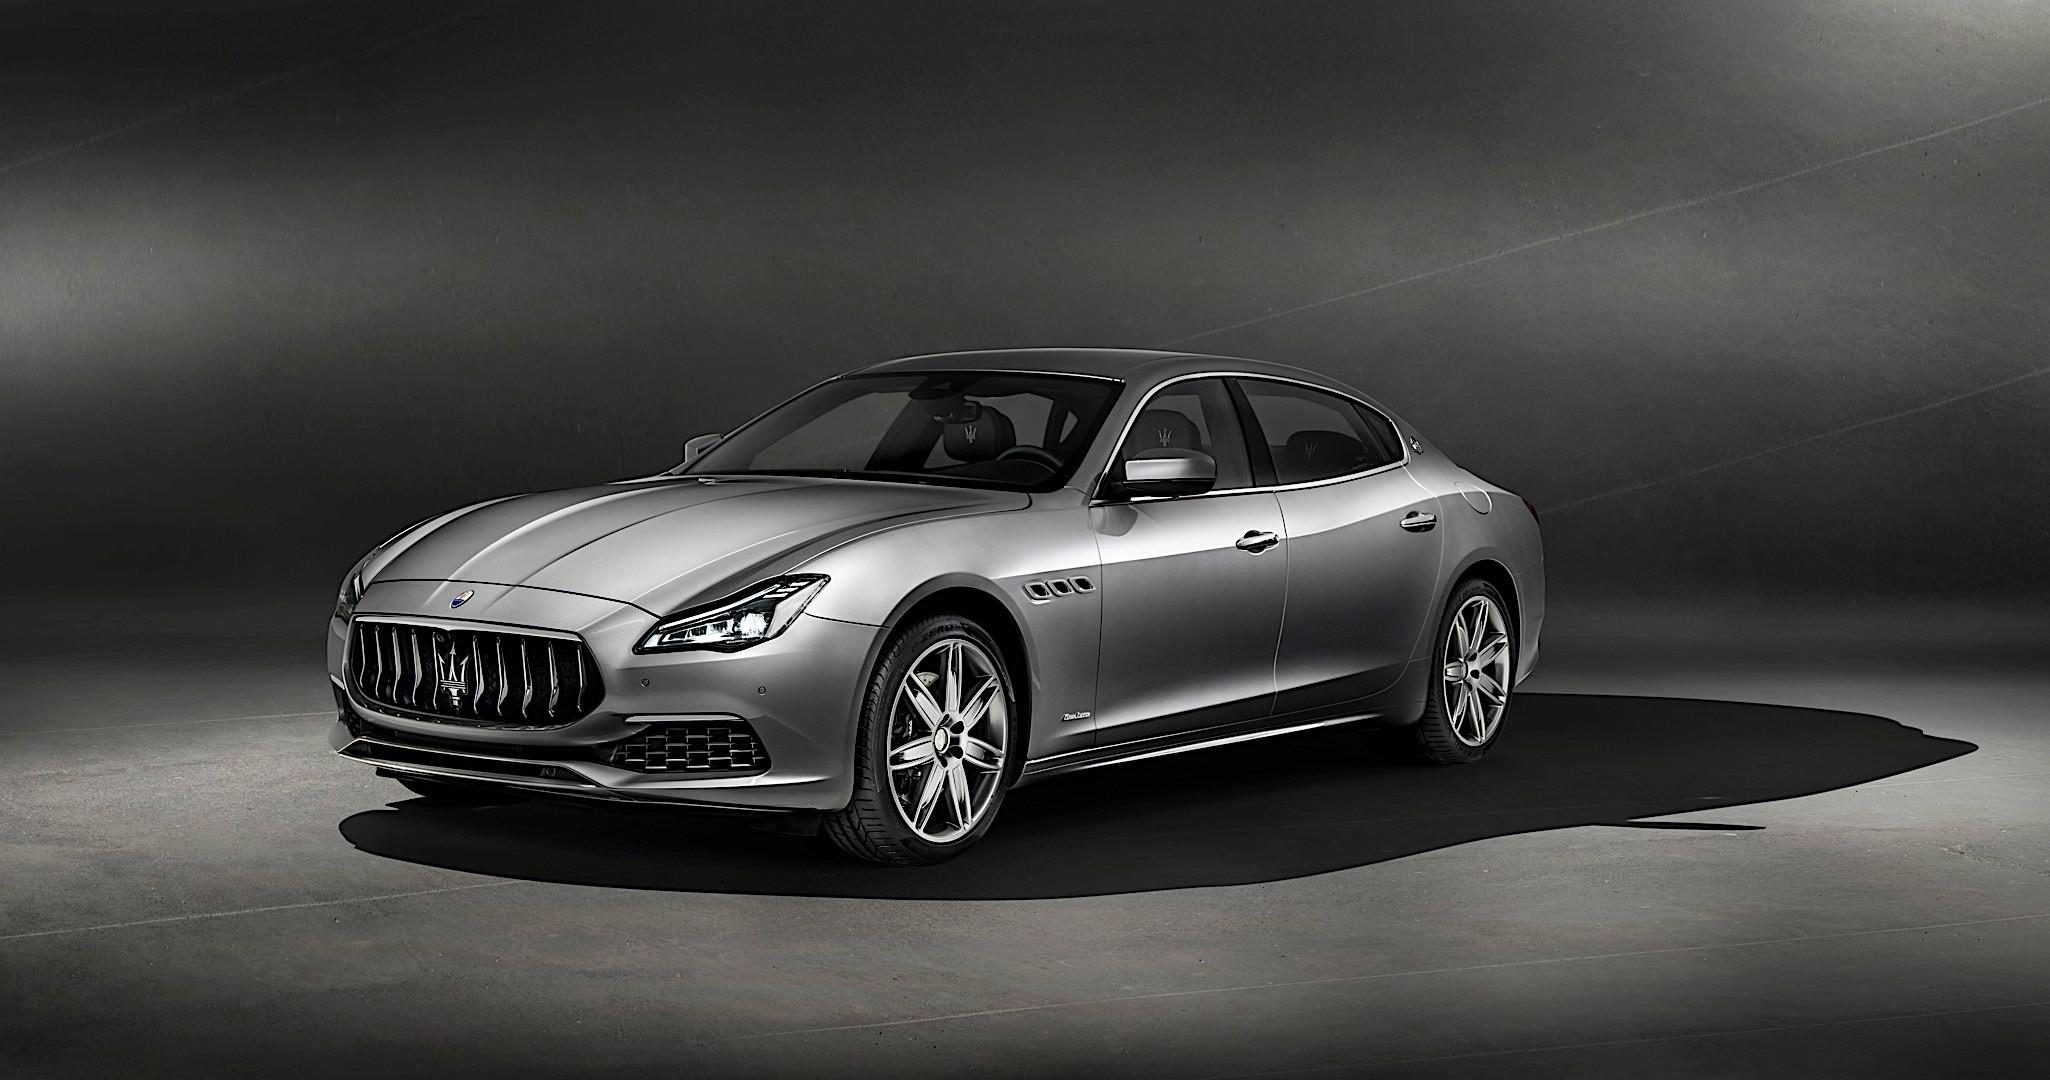 Maserati Quattroporte S Rent Dubai | Imperial Premium Rent ... |Maserati Quatra Porte